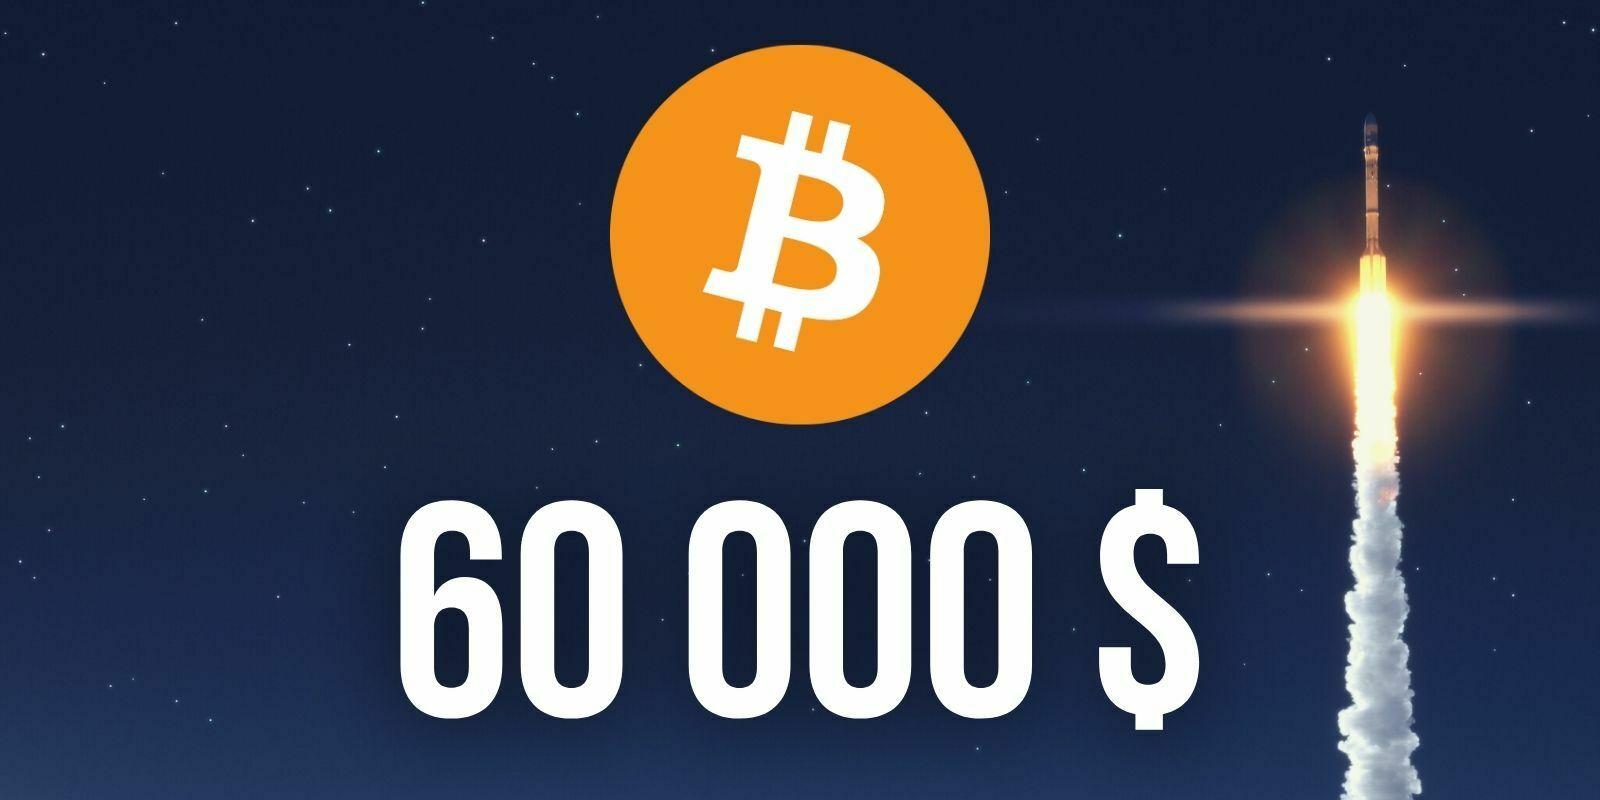 Le Bitcoin (BTC) franchit les 60 000 dollars, un nouveau record historique